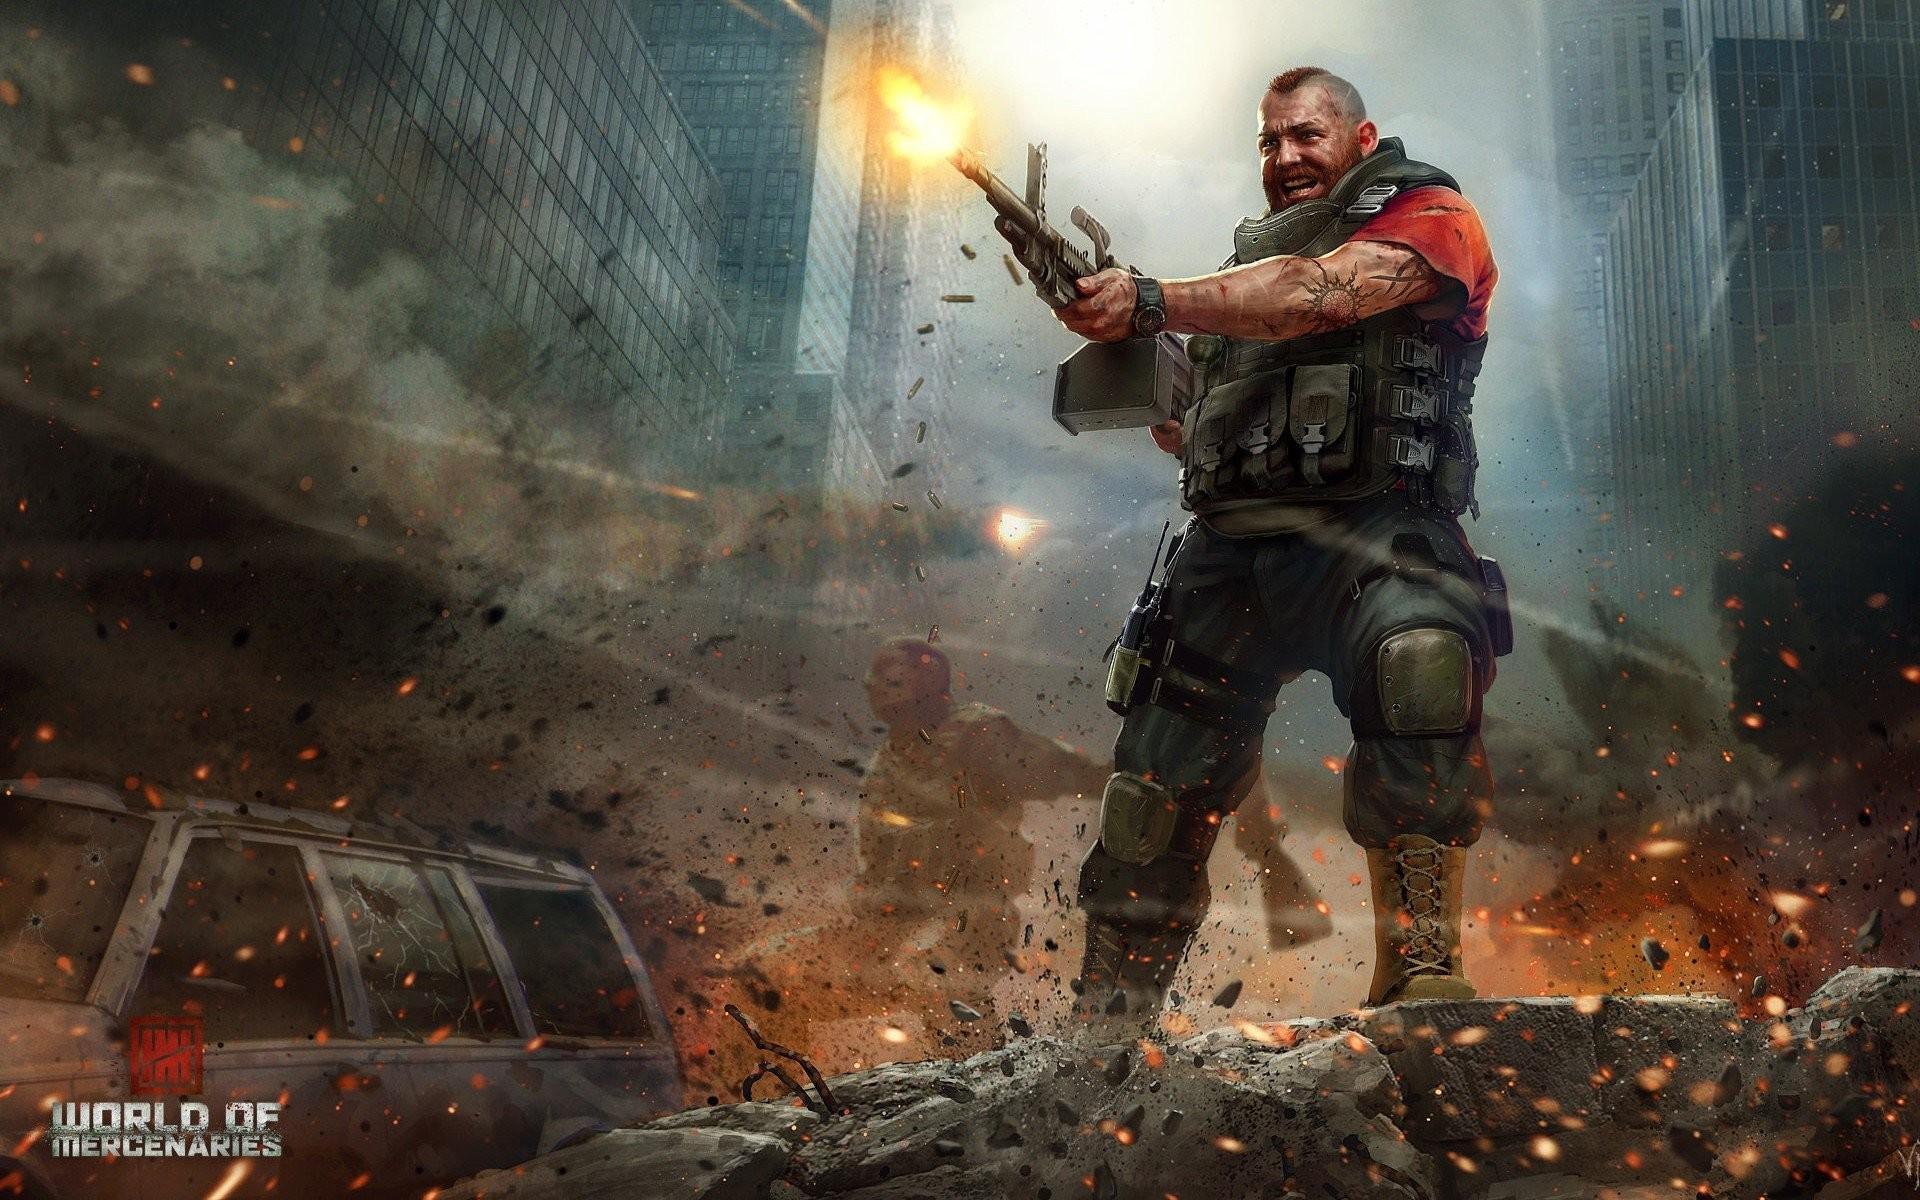 Res: 1920x1200, gamers, Gunz, War, Gun, Combat, Bulletproof vest